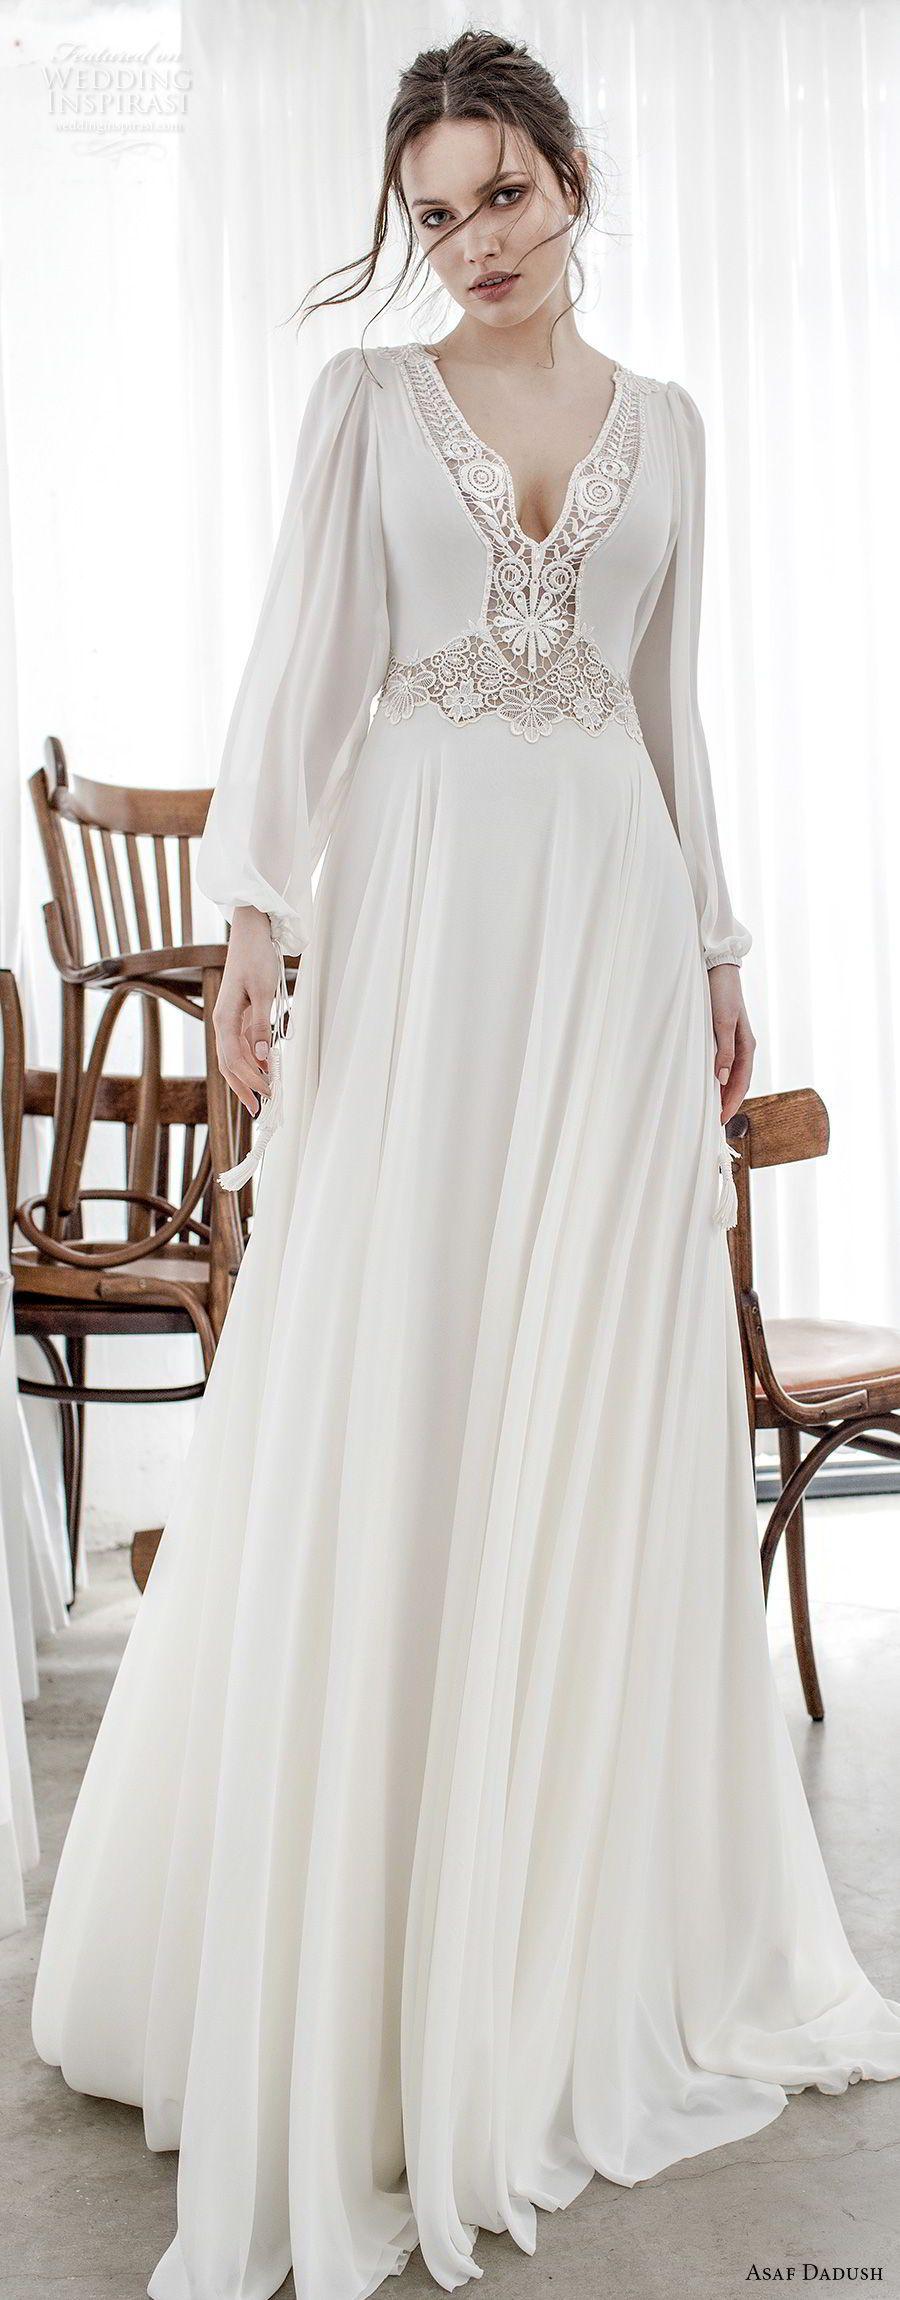 asaf dadush 2017 bridal long bishop sleeves v neck lighly embellished bodice romantic bohemian soft a  line wedding dress cross strap back sweep train (14) lv -- Asaf Dadush 2017 Wedding Dresses